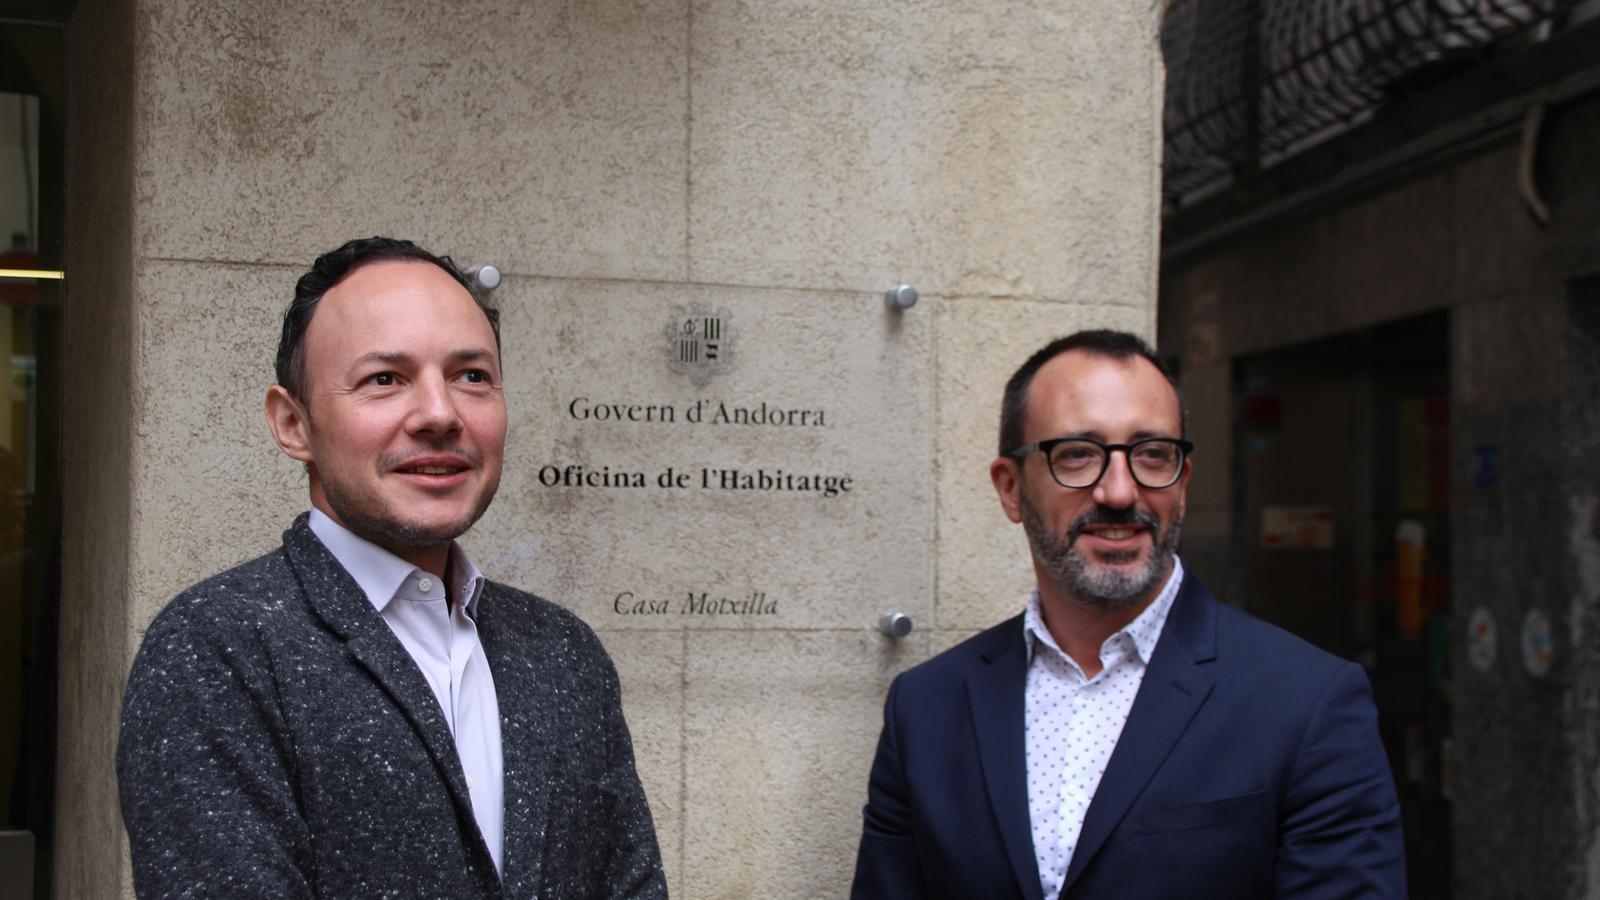 El cap de Govern, Xavier Espot, i el ministre d'Afers Socials, Habitatge i Joventut, Víctor Filloy, en la inauguració de l'Oficina de l'habitatge. / A.S. (ANA)